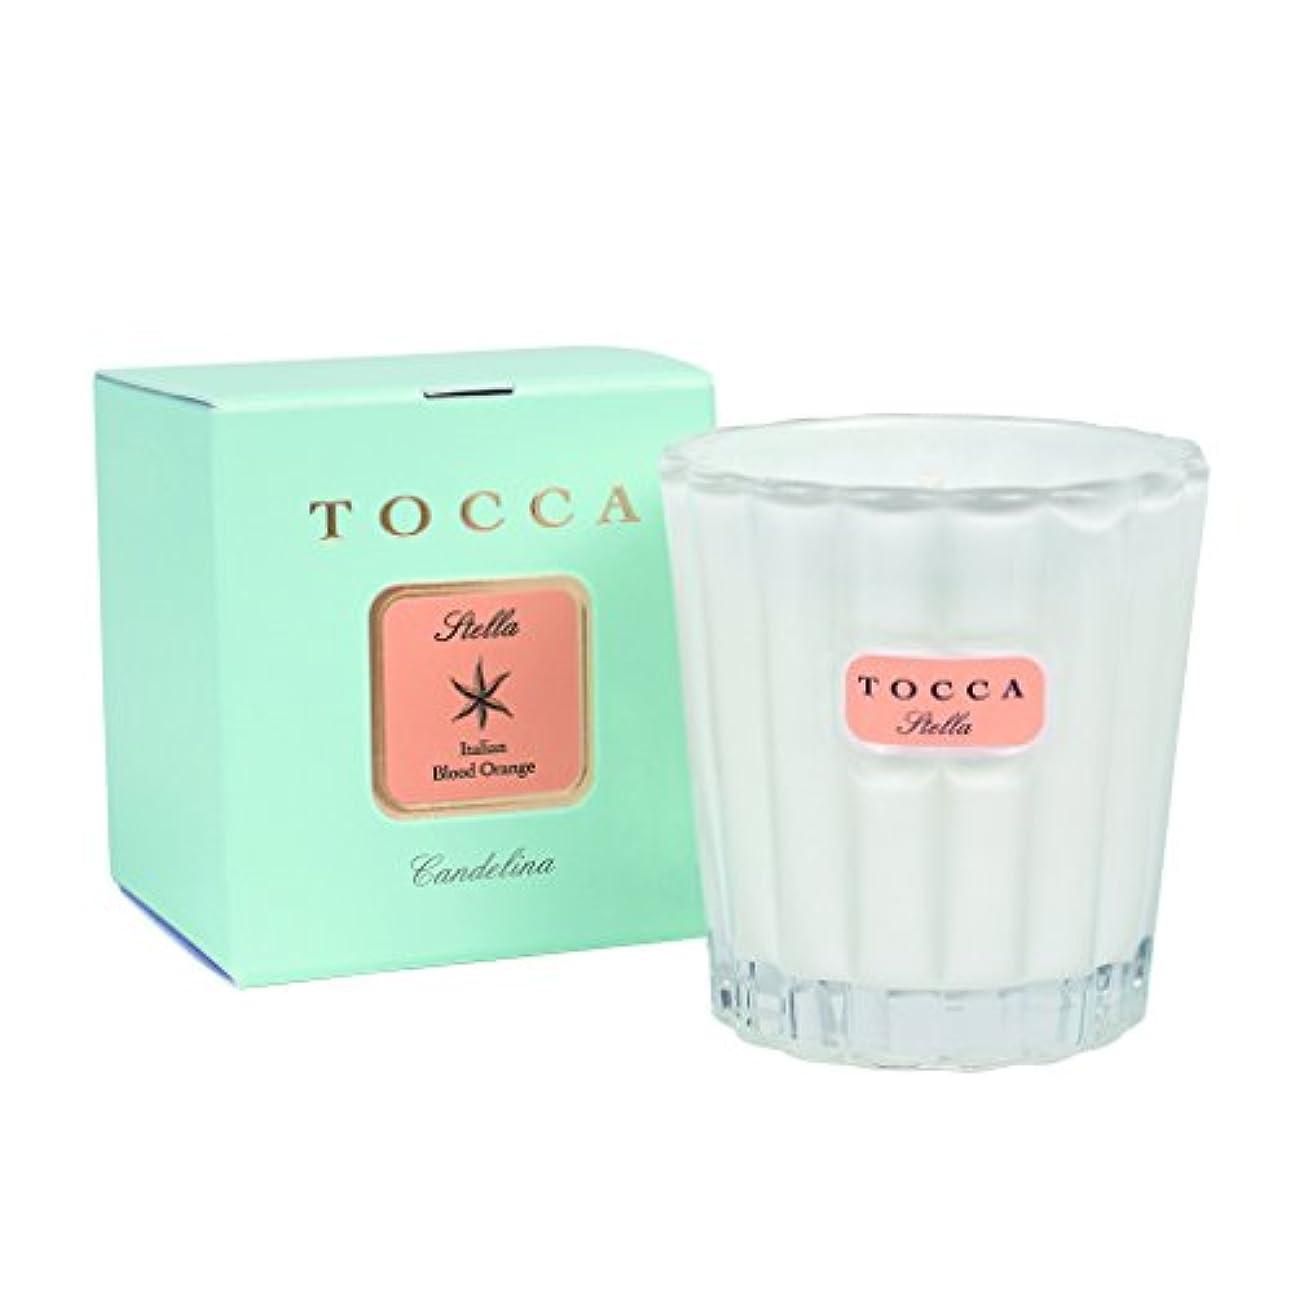 違反逃れる適切なトッカ(TOCCA) キャンデリーナ ステラ 88g (キャンドル ろうそく シトラス系でありながらほんのり甘く苦味を感じることのないさわやかな香り)